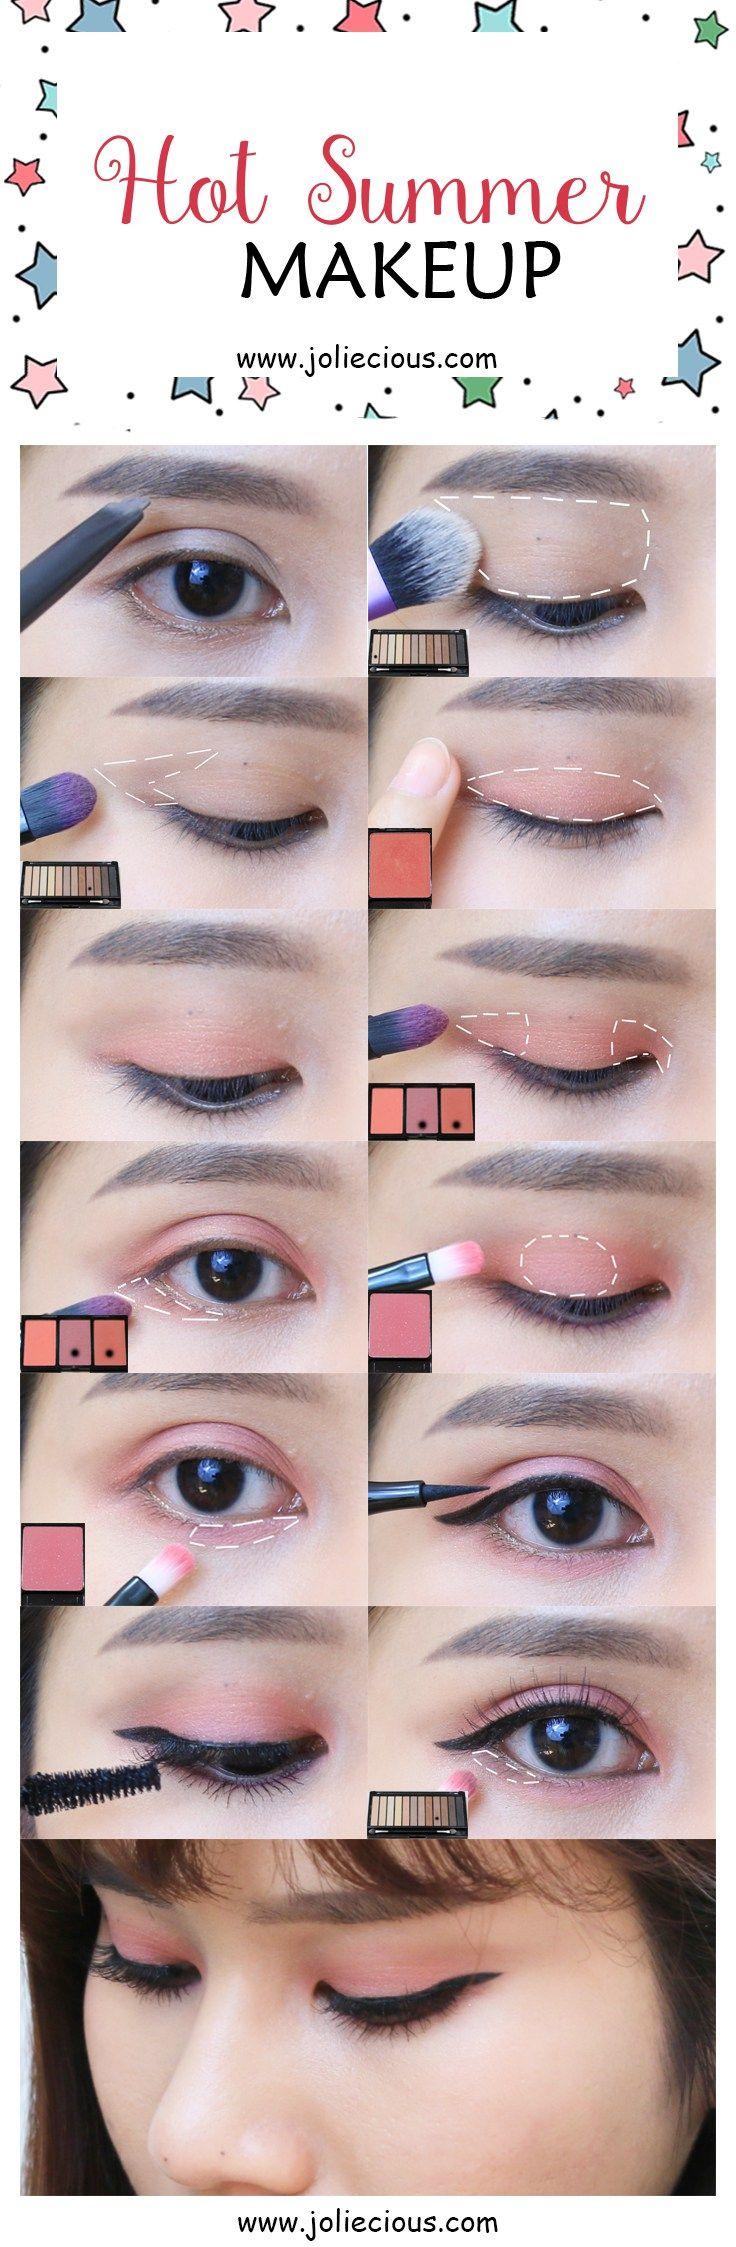 Hot Summer Makeup. Summer makeup tutorial. Makeup tutorial. Makeup guide. Beginn...